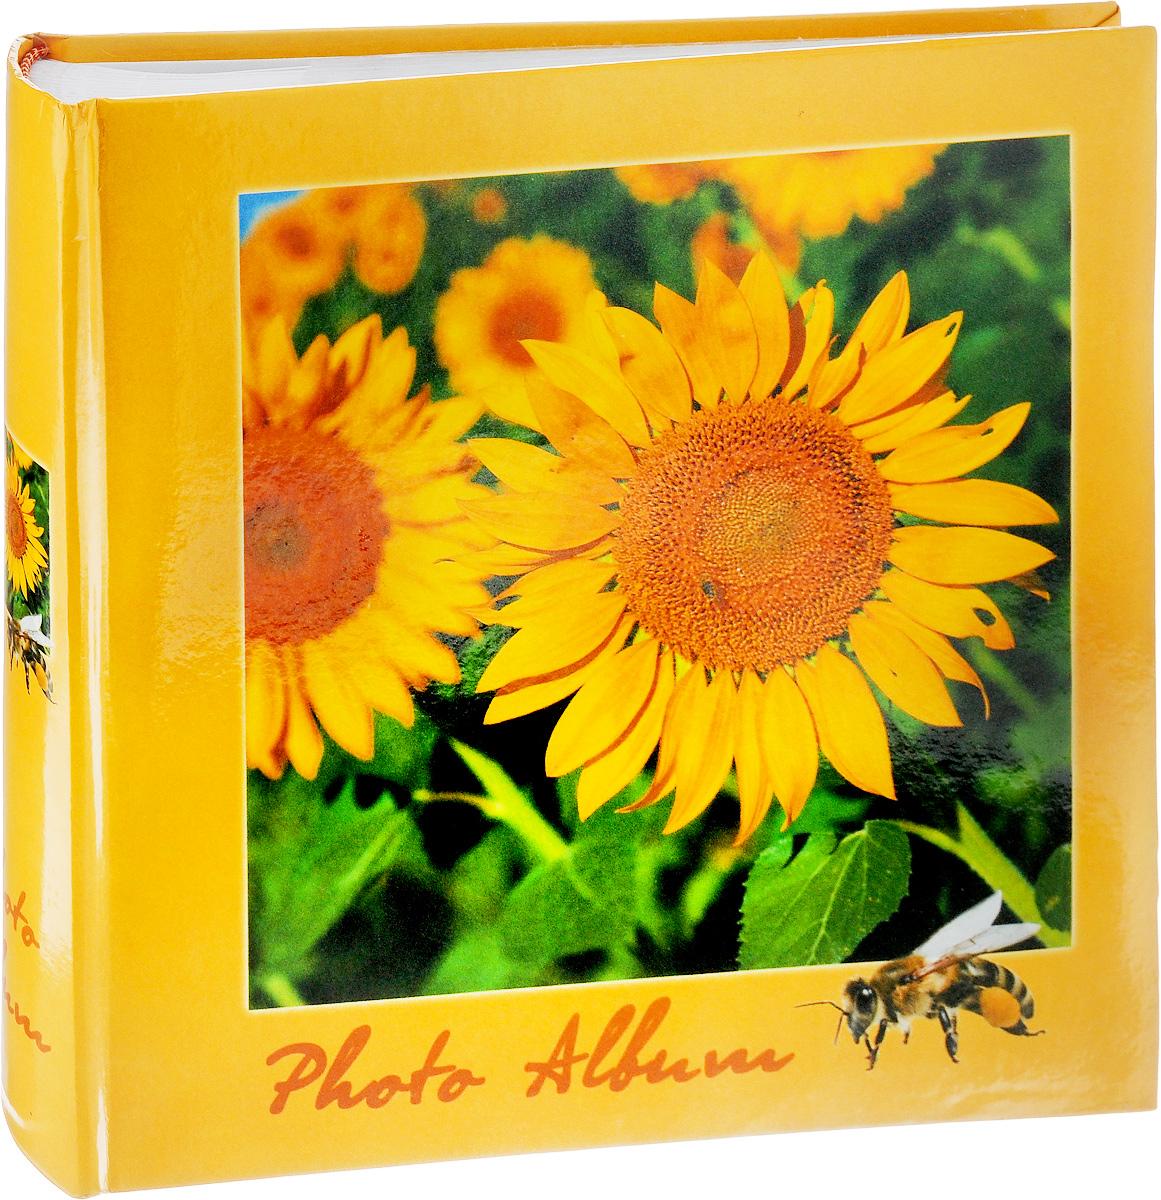 Фотоальбом Pioneer 4 Seasons, 200 фотографий, цвет: желтый, зеленый, 10 x 15 см46197 B46200Фотоальбом Pioneer 4 Seasons позволит вам запечатлеть незабываемые моменты вашей жизни, сохранить свои истории и воспоминания на его страницах. Обложка из толстого картона оформлена оригинальным принтом. Фотоальбом рассчитан на 200 фотографии форматом 10 x 15 см. На каждой странице имеются поля для заполнения и два кармашка для фотографий. Такой необычный фотоальбом позволит легко заполнить страницы вашей истории, и с годами ничего не забудется.Тип обложки: Ламинированный картон.Тип листов: бумажные.Тип переплета: книжный.Кол-во фотографий: 200.Материалы, использованные в изготовлении альбома, обеспечивают высокое качество хранения ваших фотографий, поэтому фотографии не желтеют со временем.